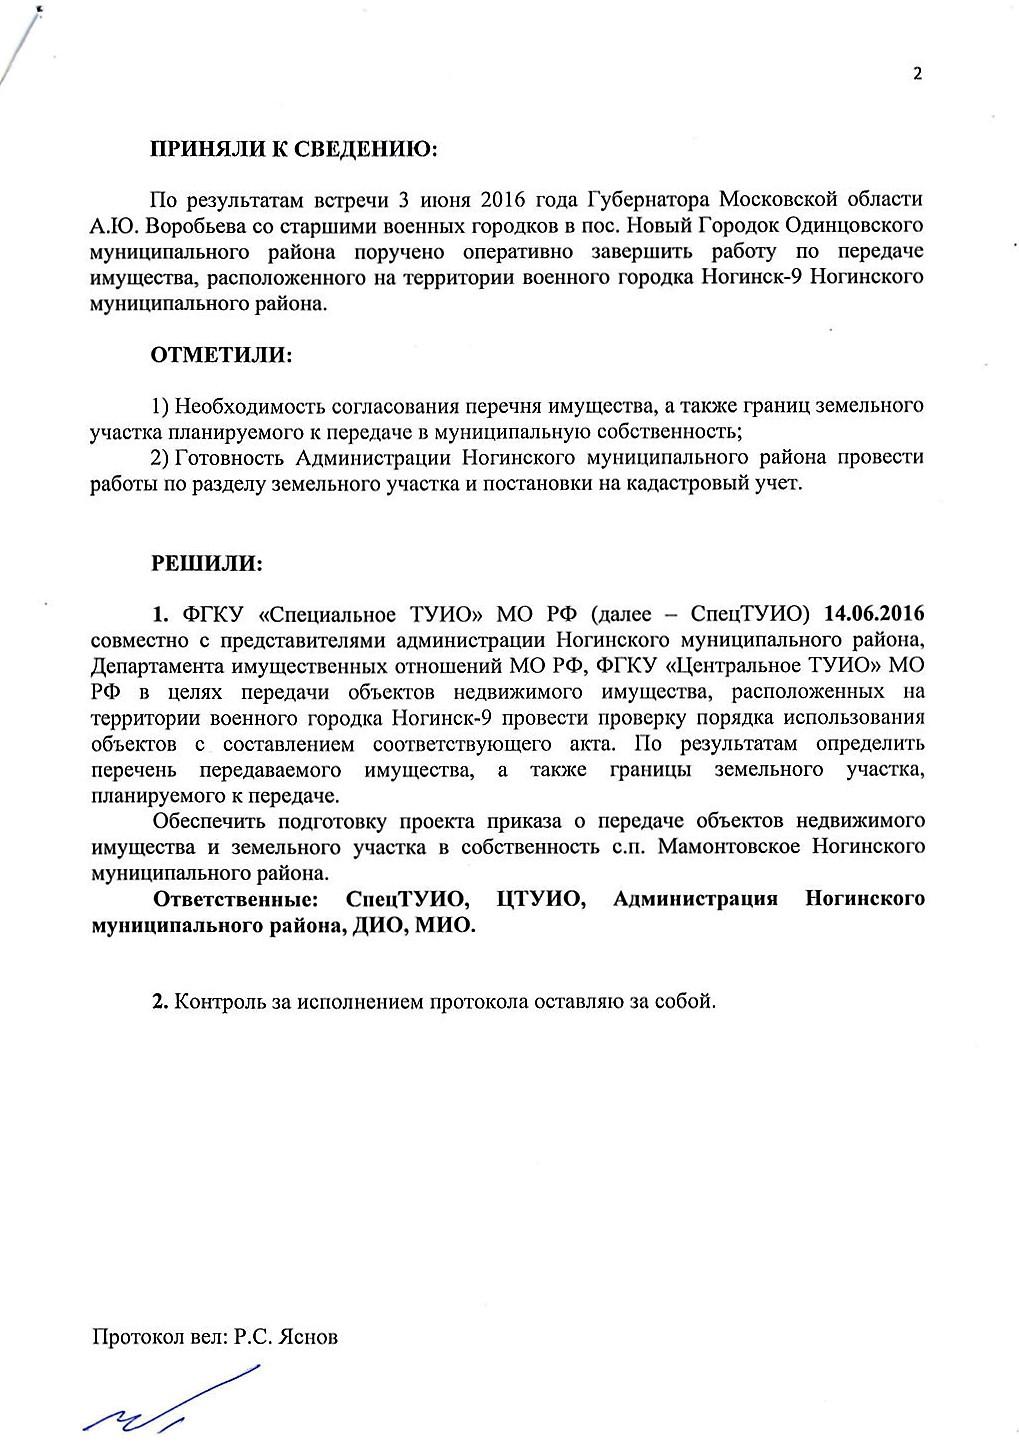 6 июня 2016 года в Министерстве имущественных отношений Московской области  состоялось совещание на тему: Передача в муниципальную собственность недвижимого имущества и земельного участка военного городка Ногинск-9.